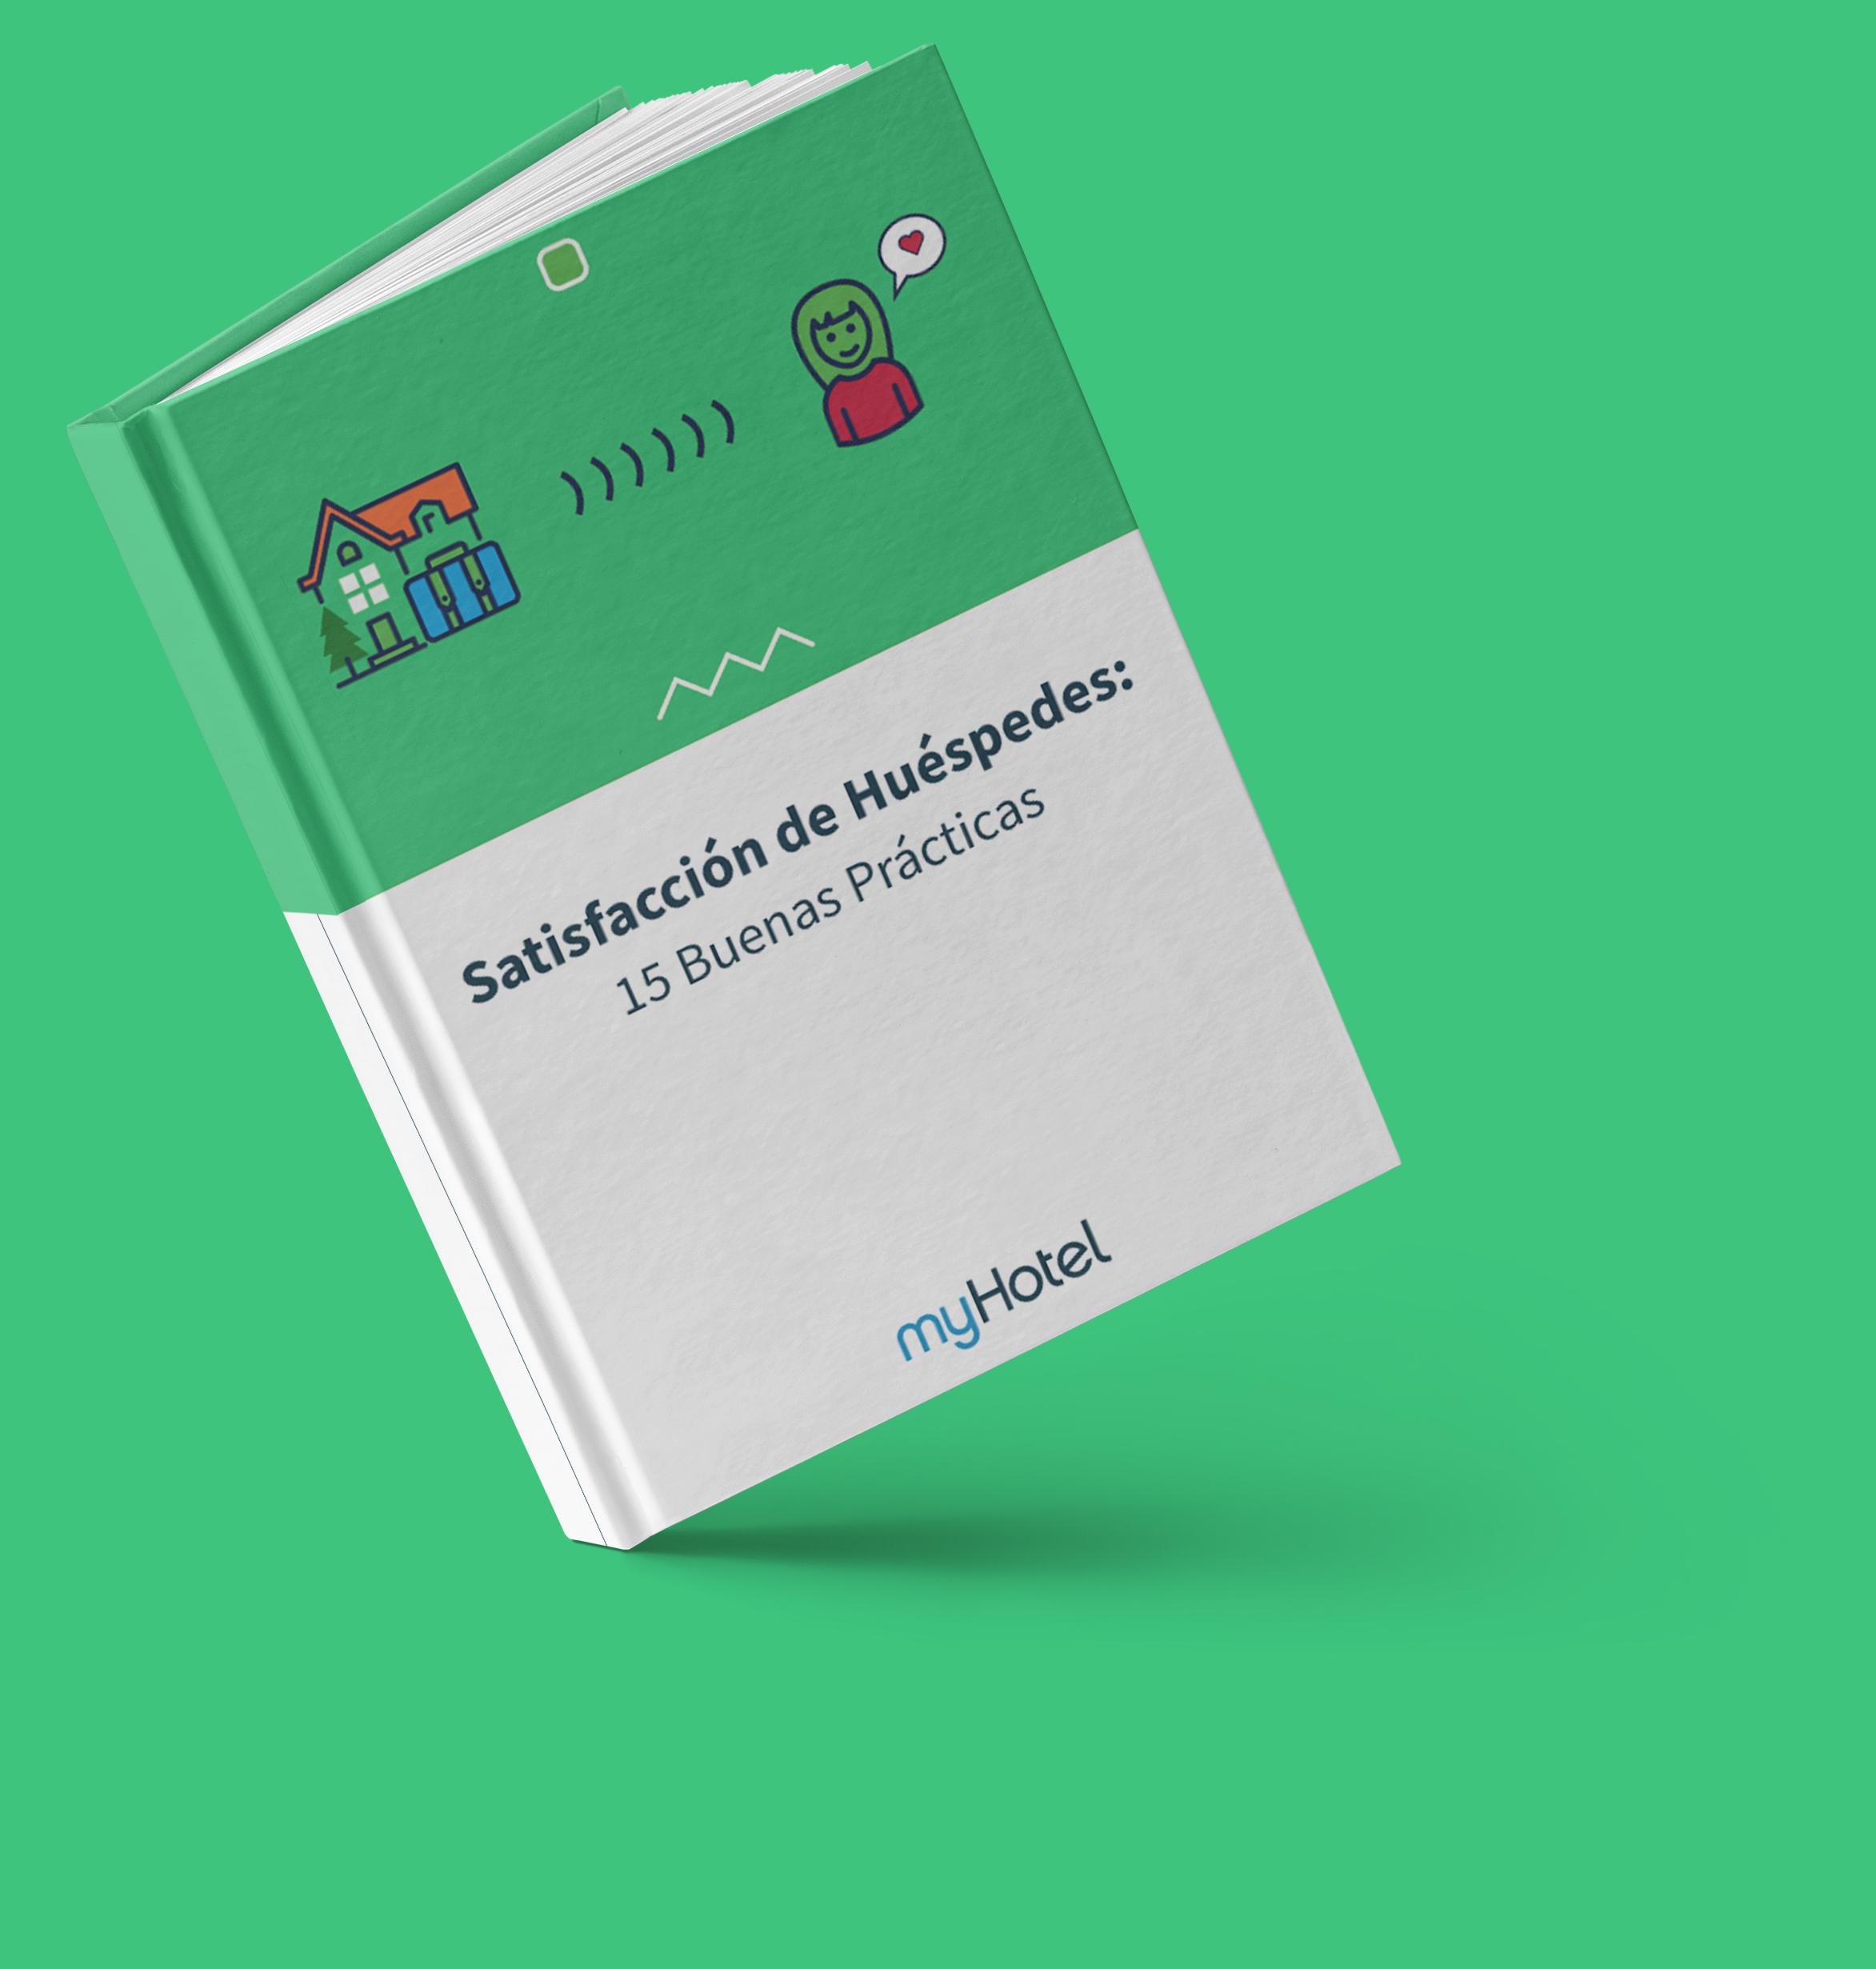 ebook-mockup-satisfaccion-huespedes-15-buenas-practicas